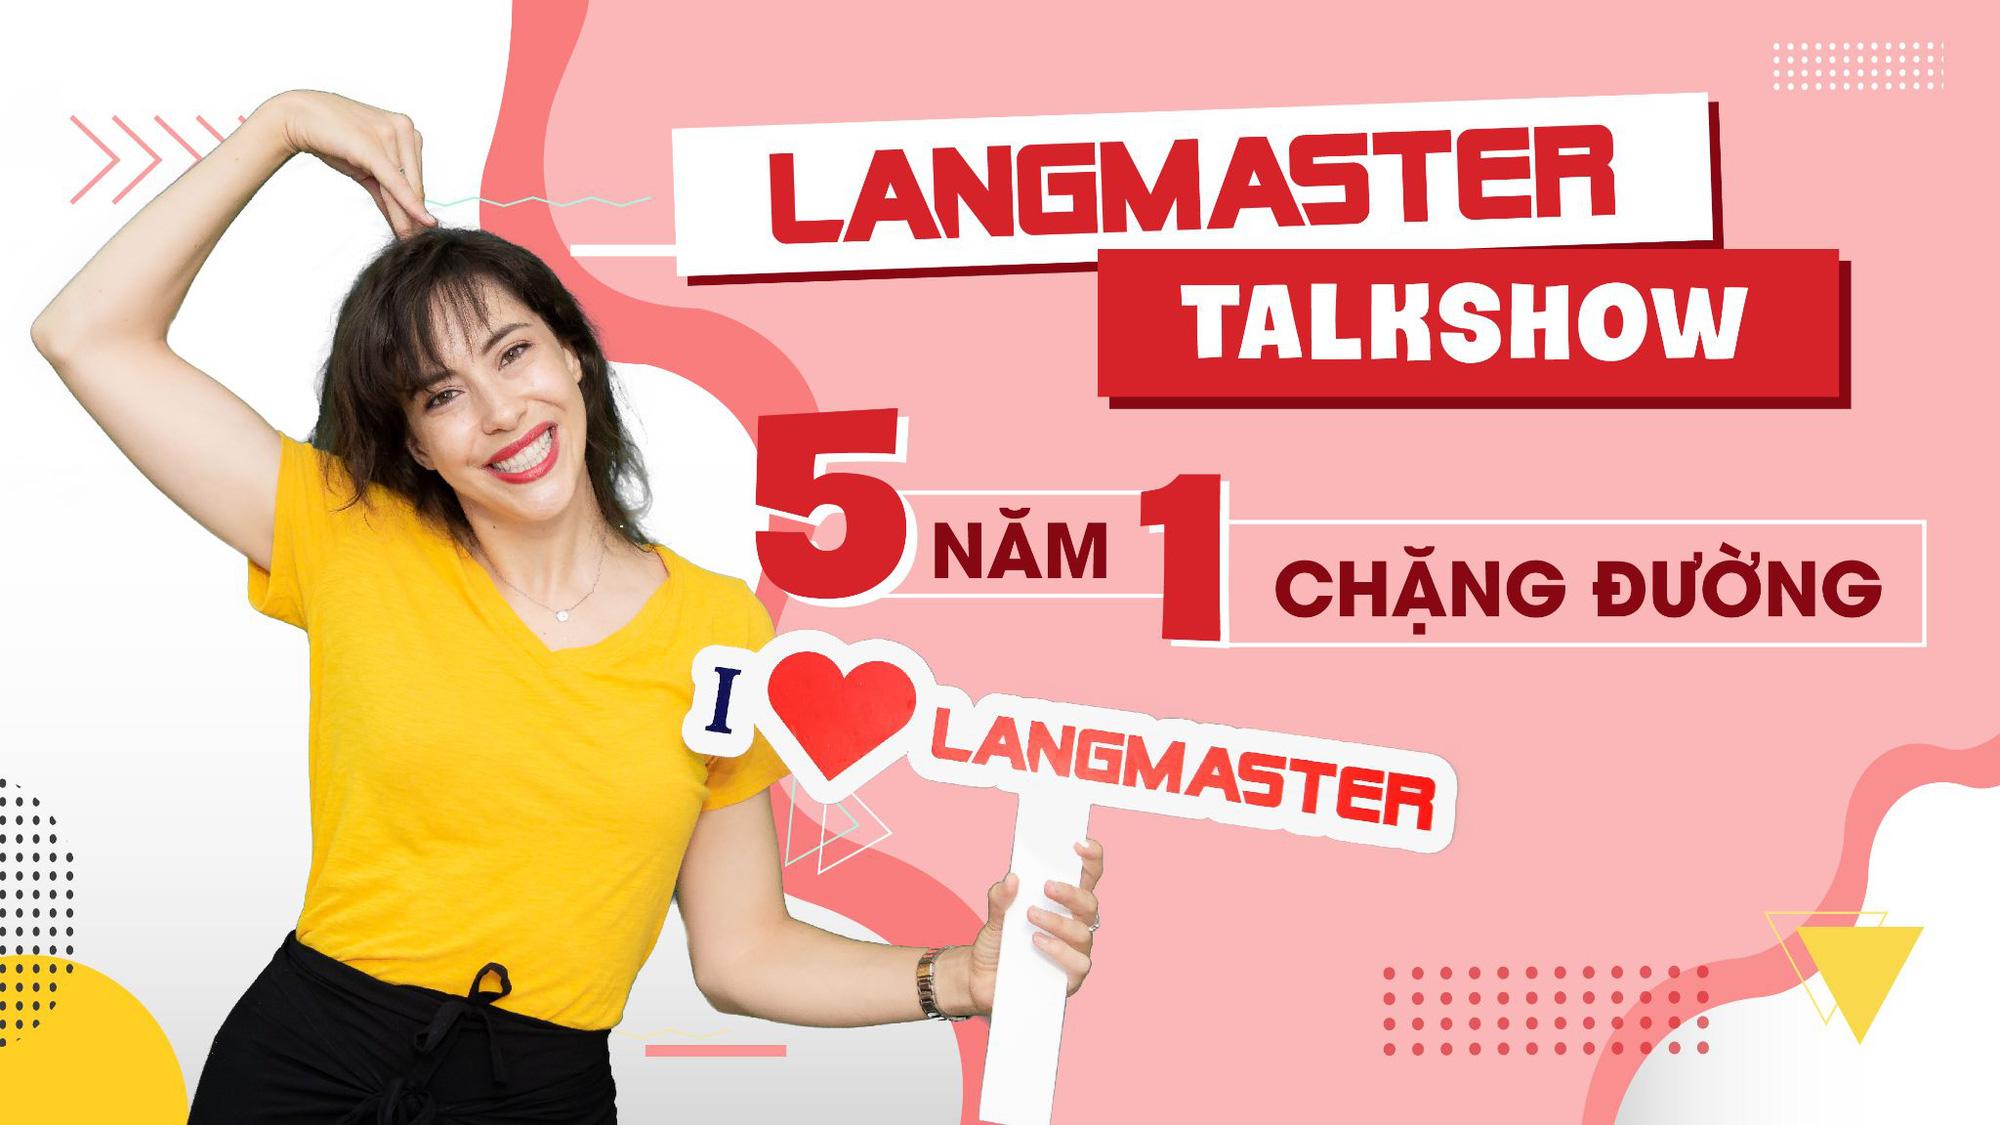 Langmaster Talkshow: 5 năm một chặng đường - Ảnh 3.